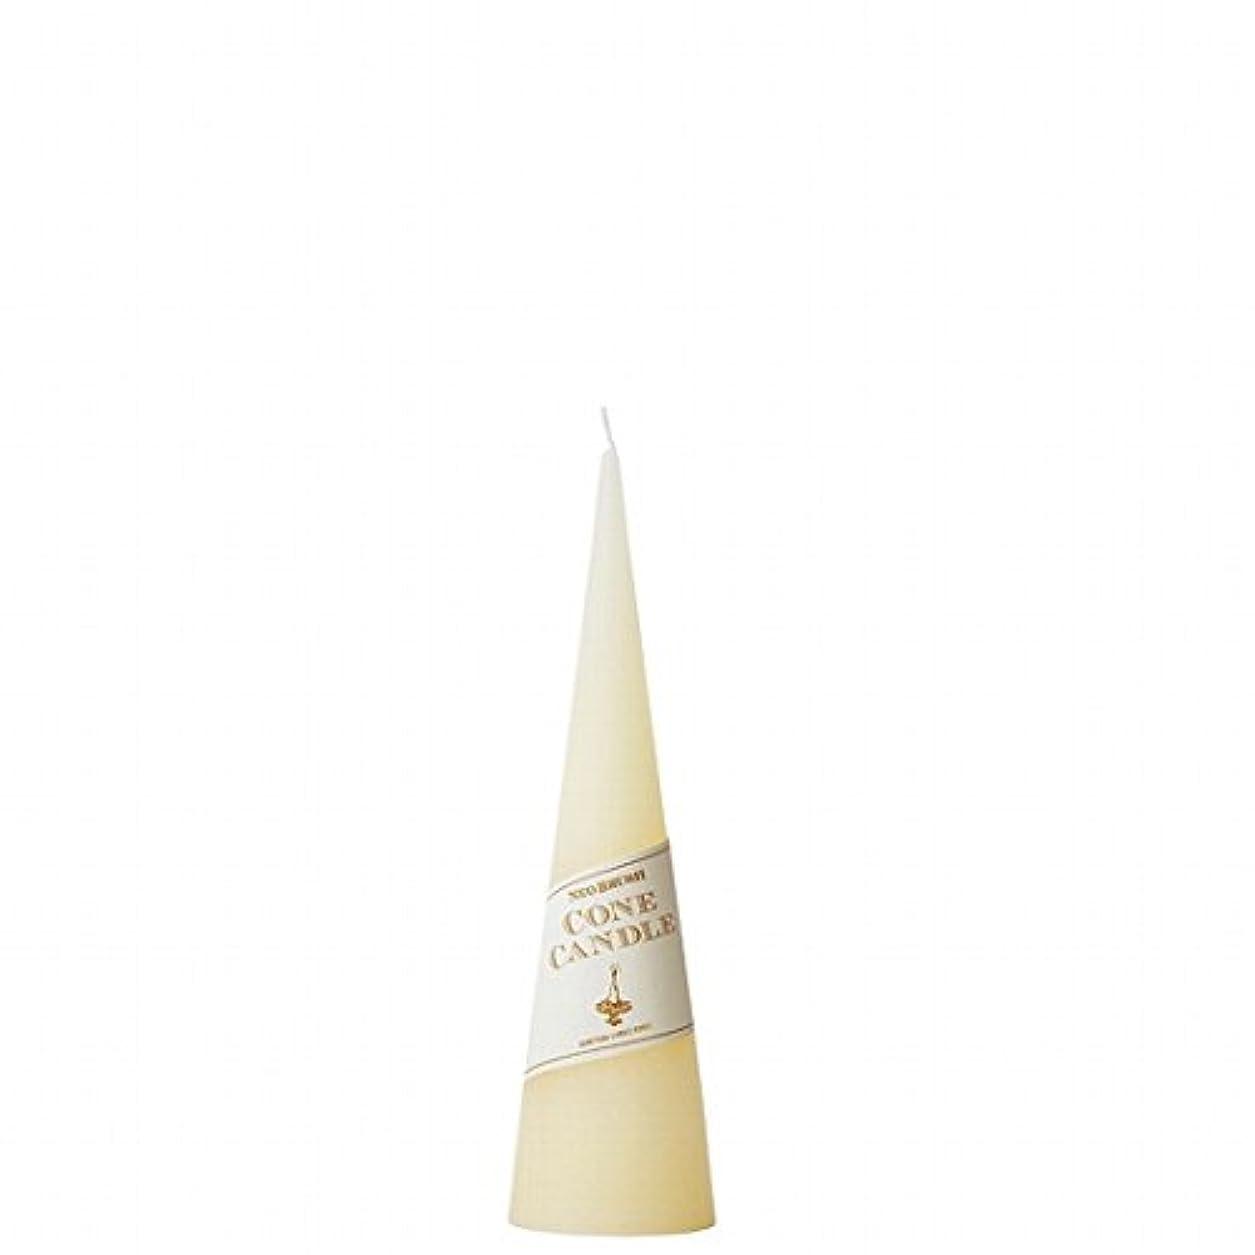 密輸どっち愛人カメヤマキャンドル( kameyama candle ) ネオブラッシュコーン 180 キャンドル 「 アイボリー 」